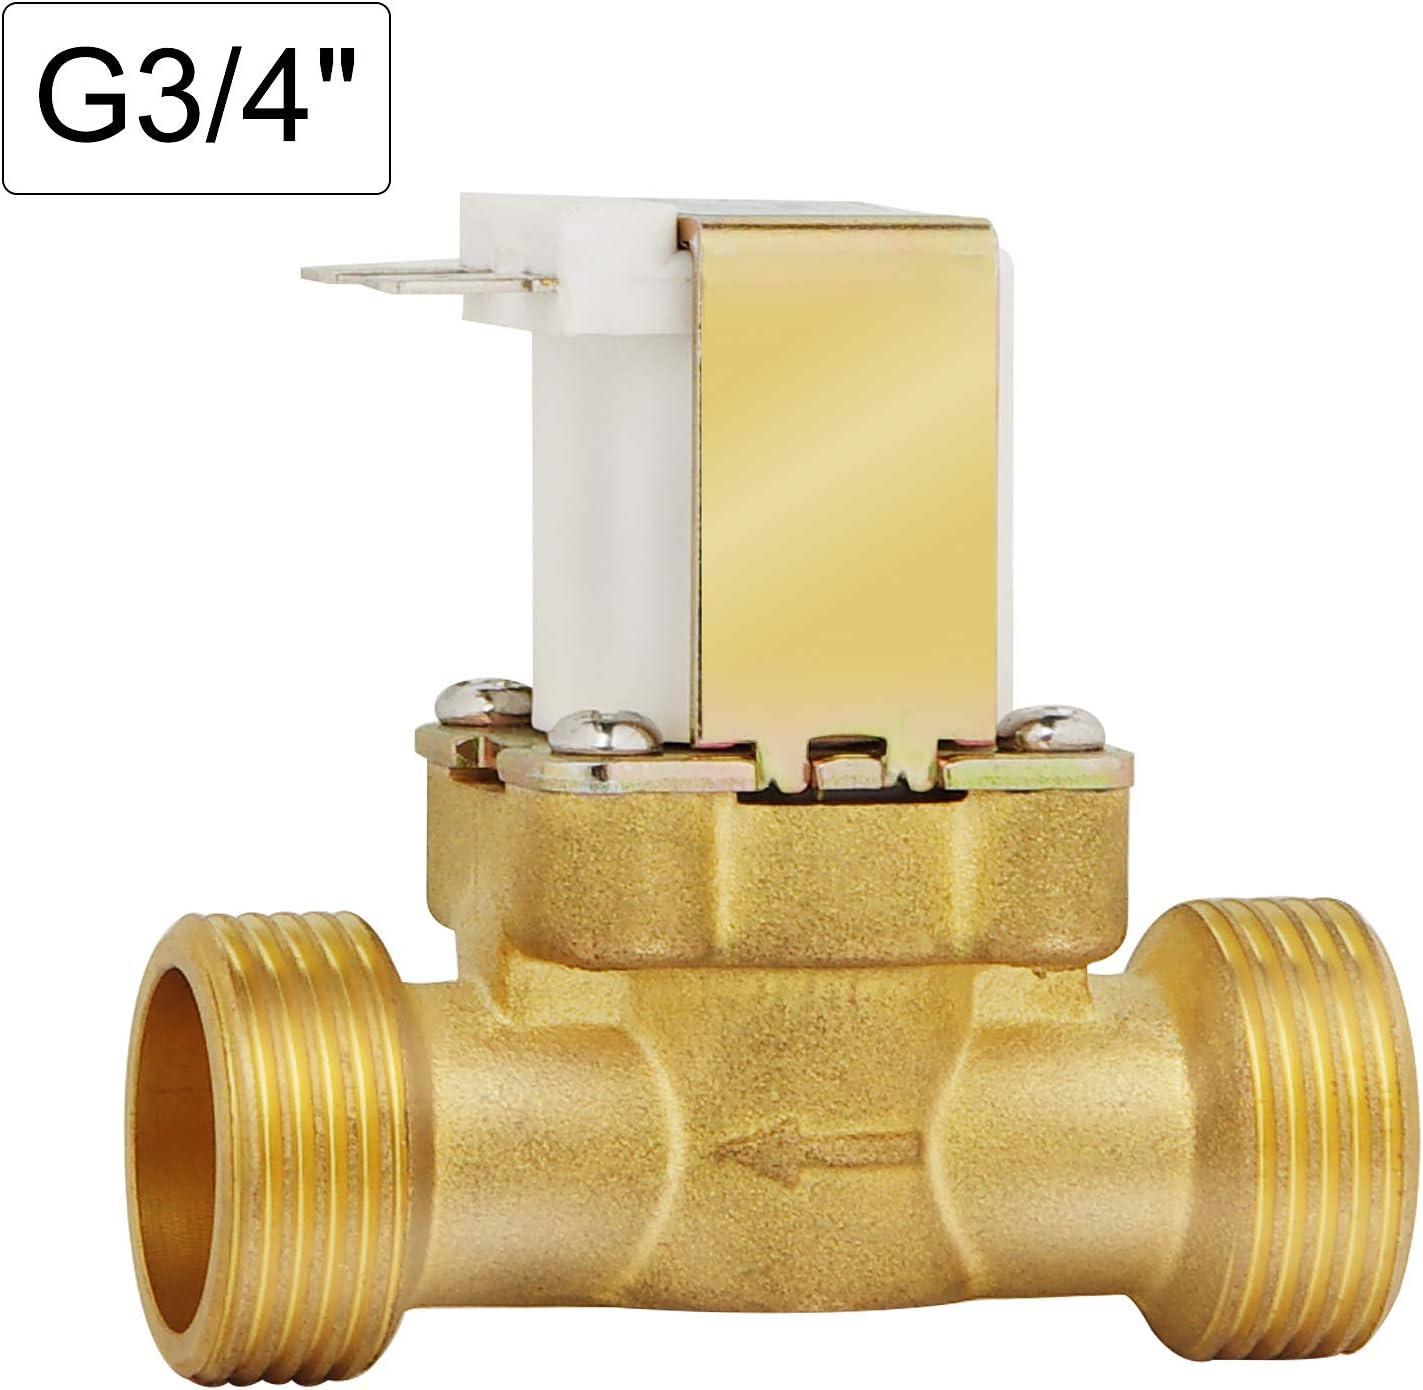 EXLECO Electrov/álvula 12V DC V/áLvula Solenoide El/éctrica G1//2 Electrov/álvula de Lat/ón Normalmente Cerrada Para Control de Agua N//C